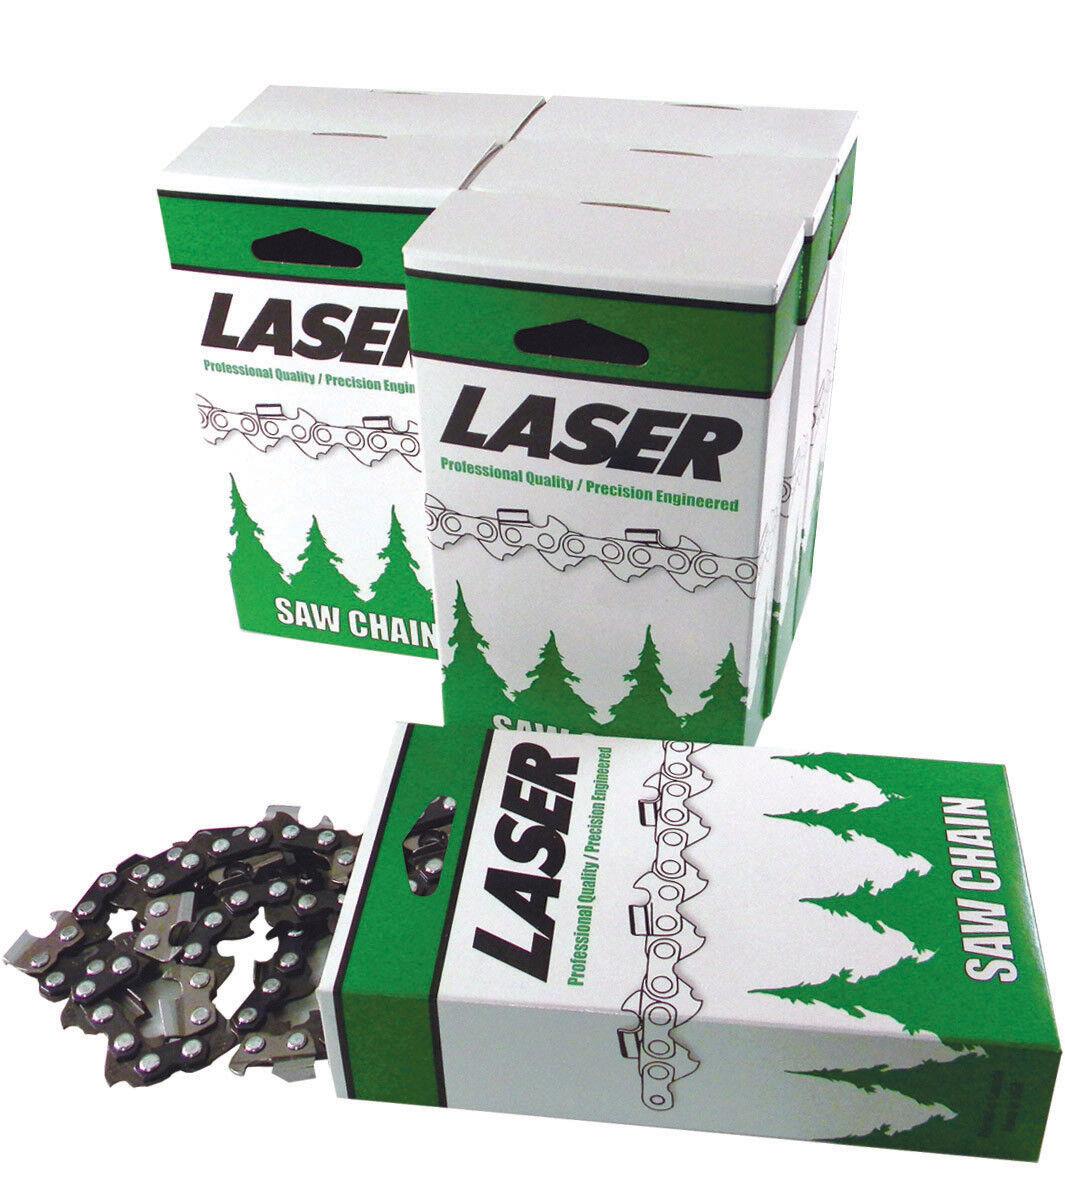 16  cadena 3 8LP.043x 55 DL láser hecho en EE. UU. se adapta a muchos Stihl Sierras. 6 Paquete de 16